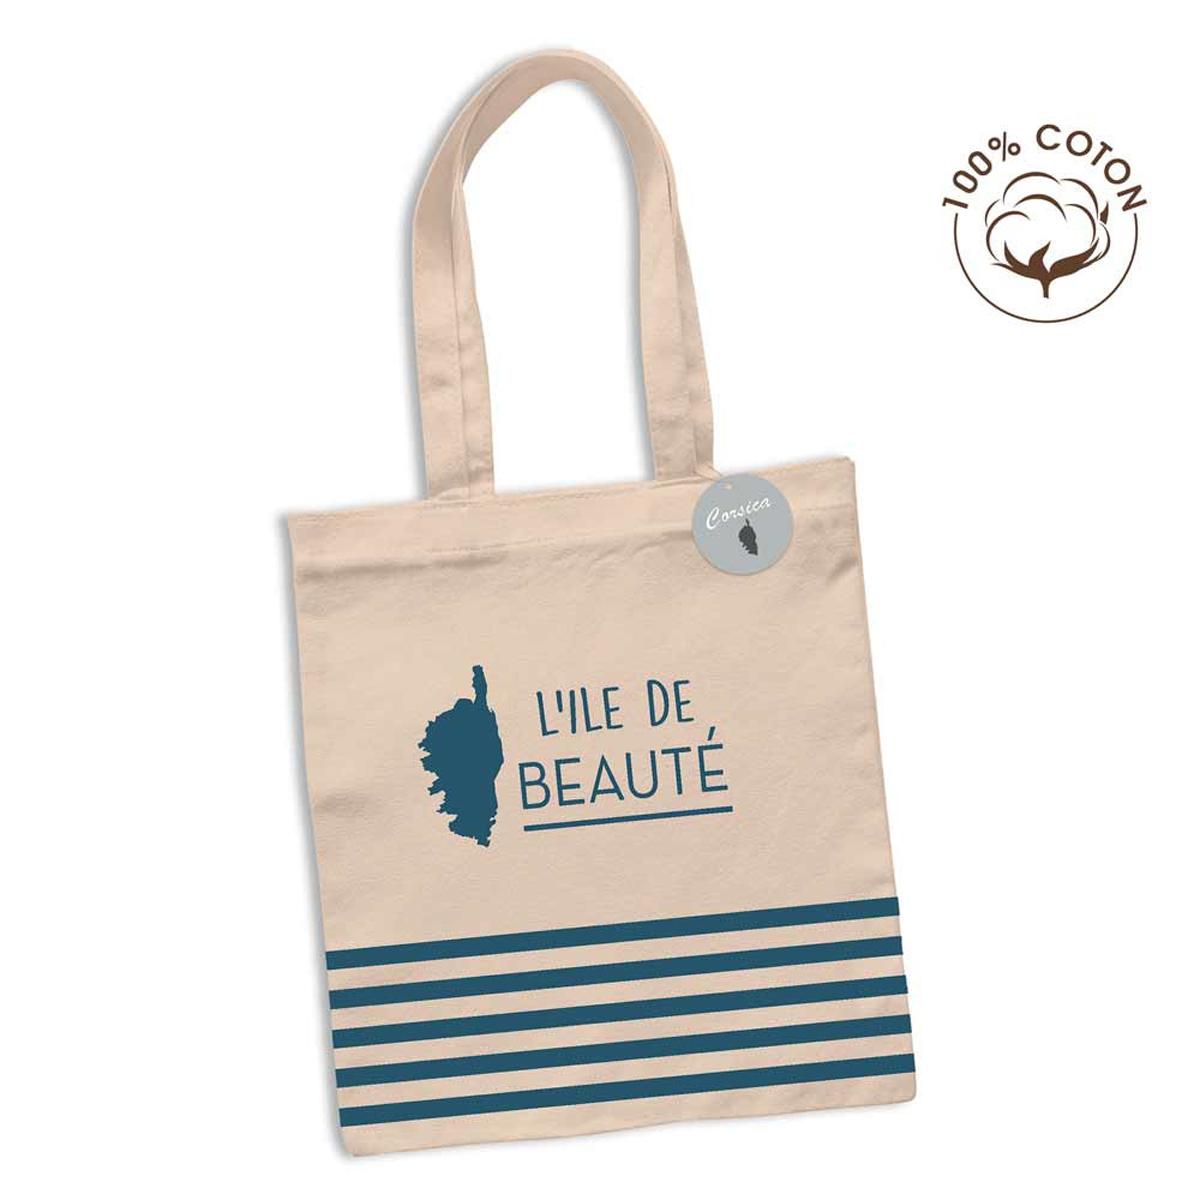 Sac coton / tote bag \'Corsica\' bleu beige (L\'Ile de Beauté, marinière) - 63x365 cm - [R2627]